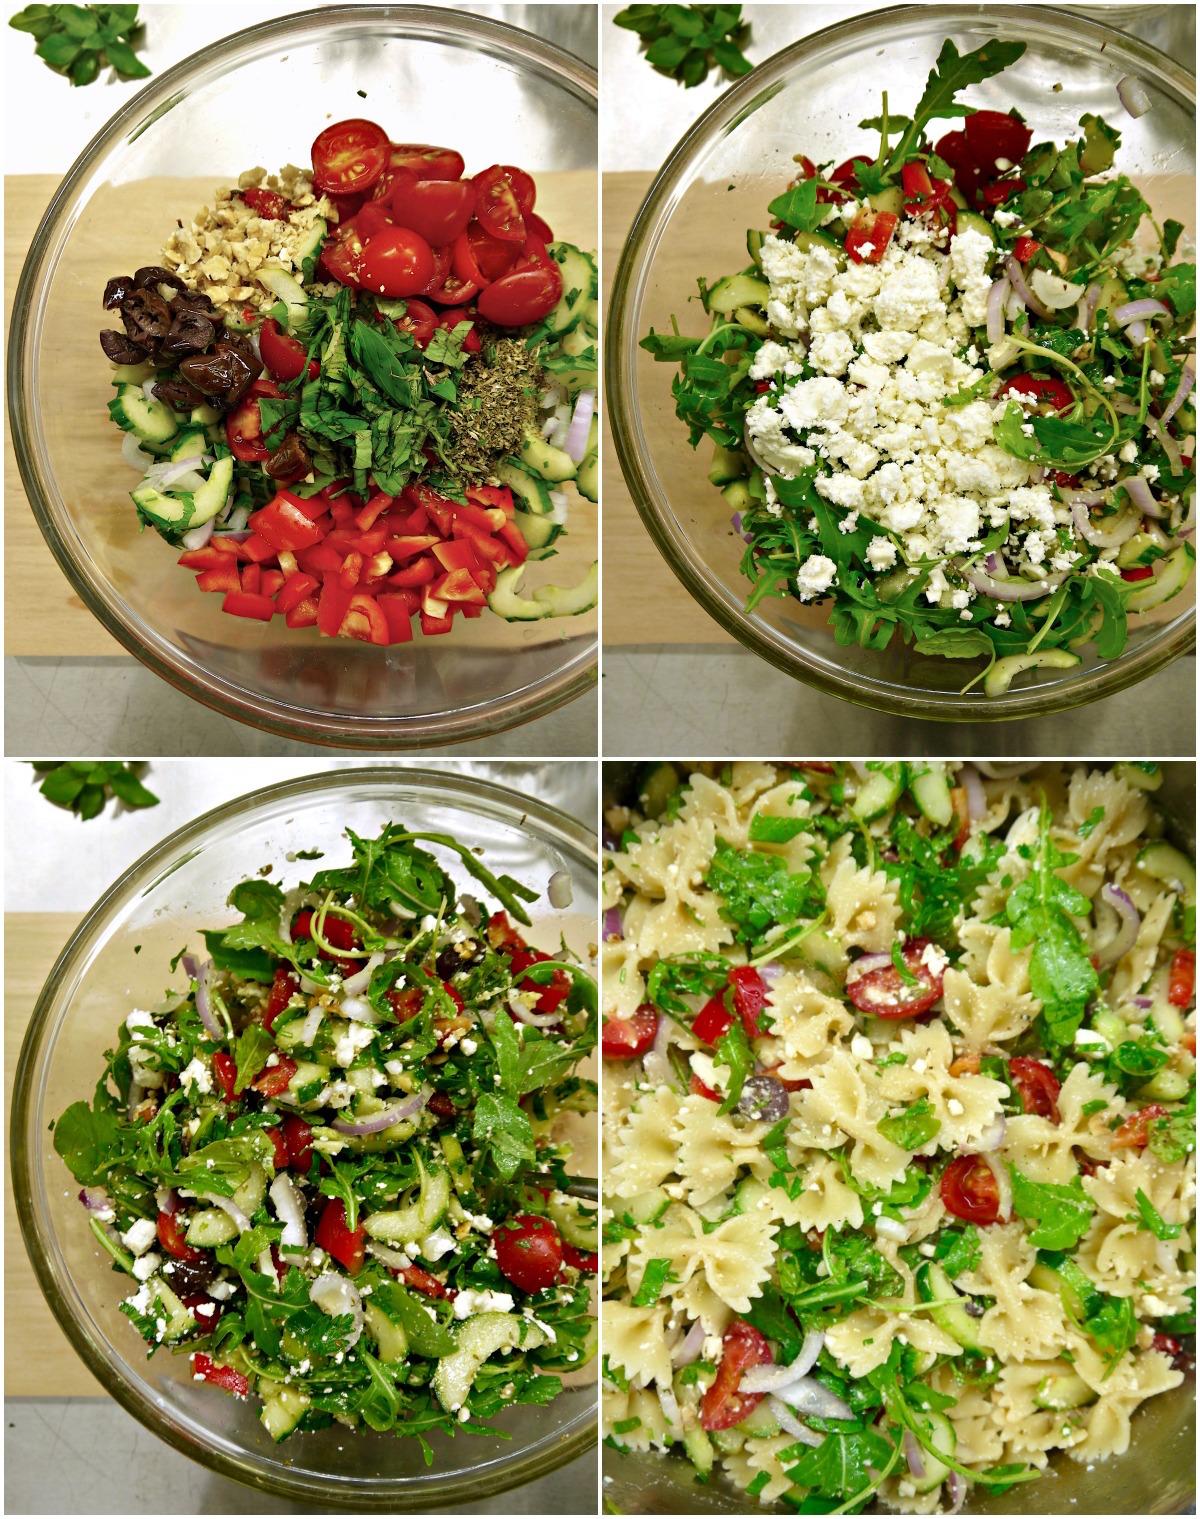 σαλάτα ζυμαρικών με πεταλούδες & λαχανικά